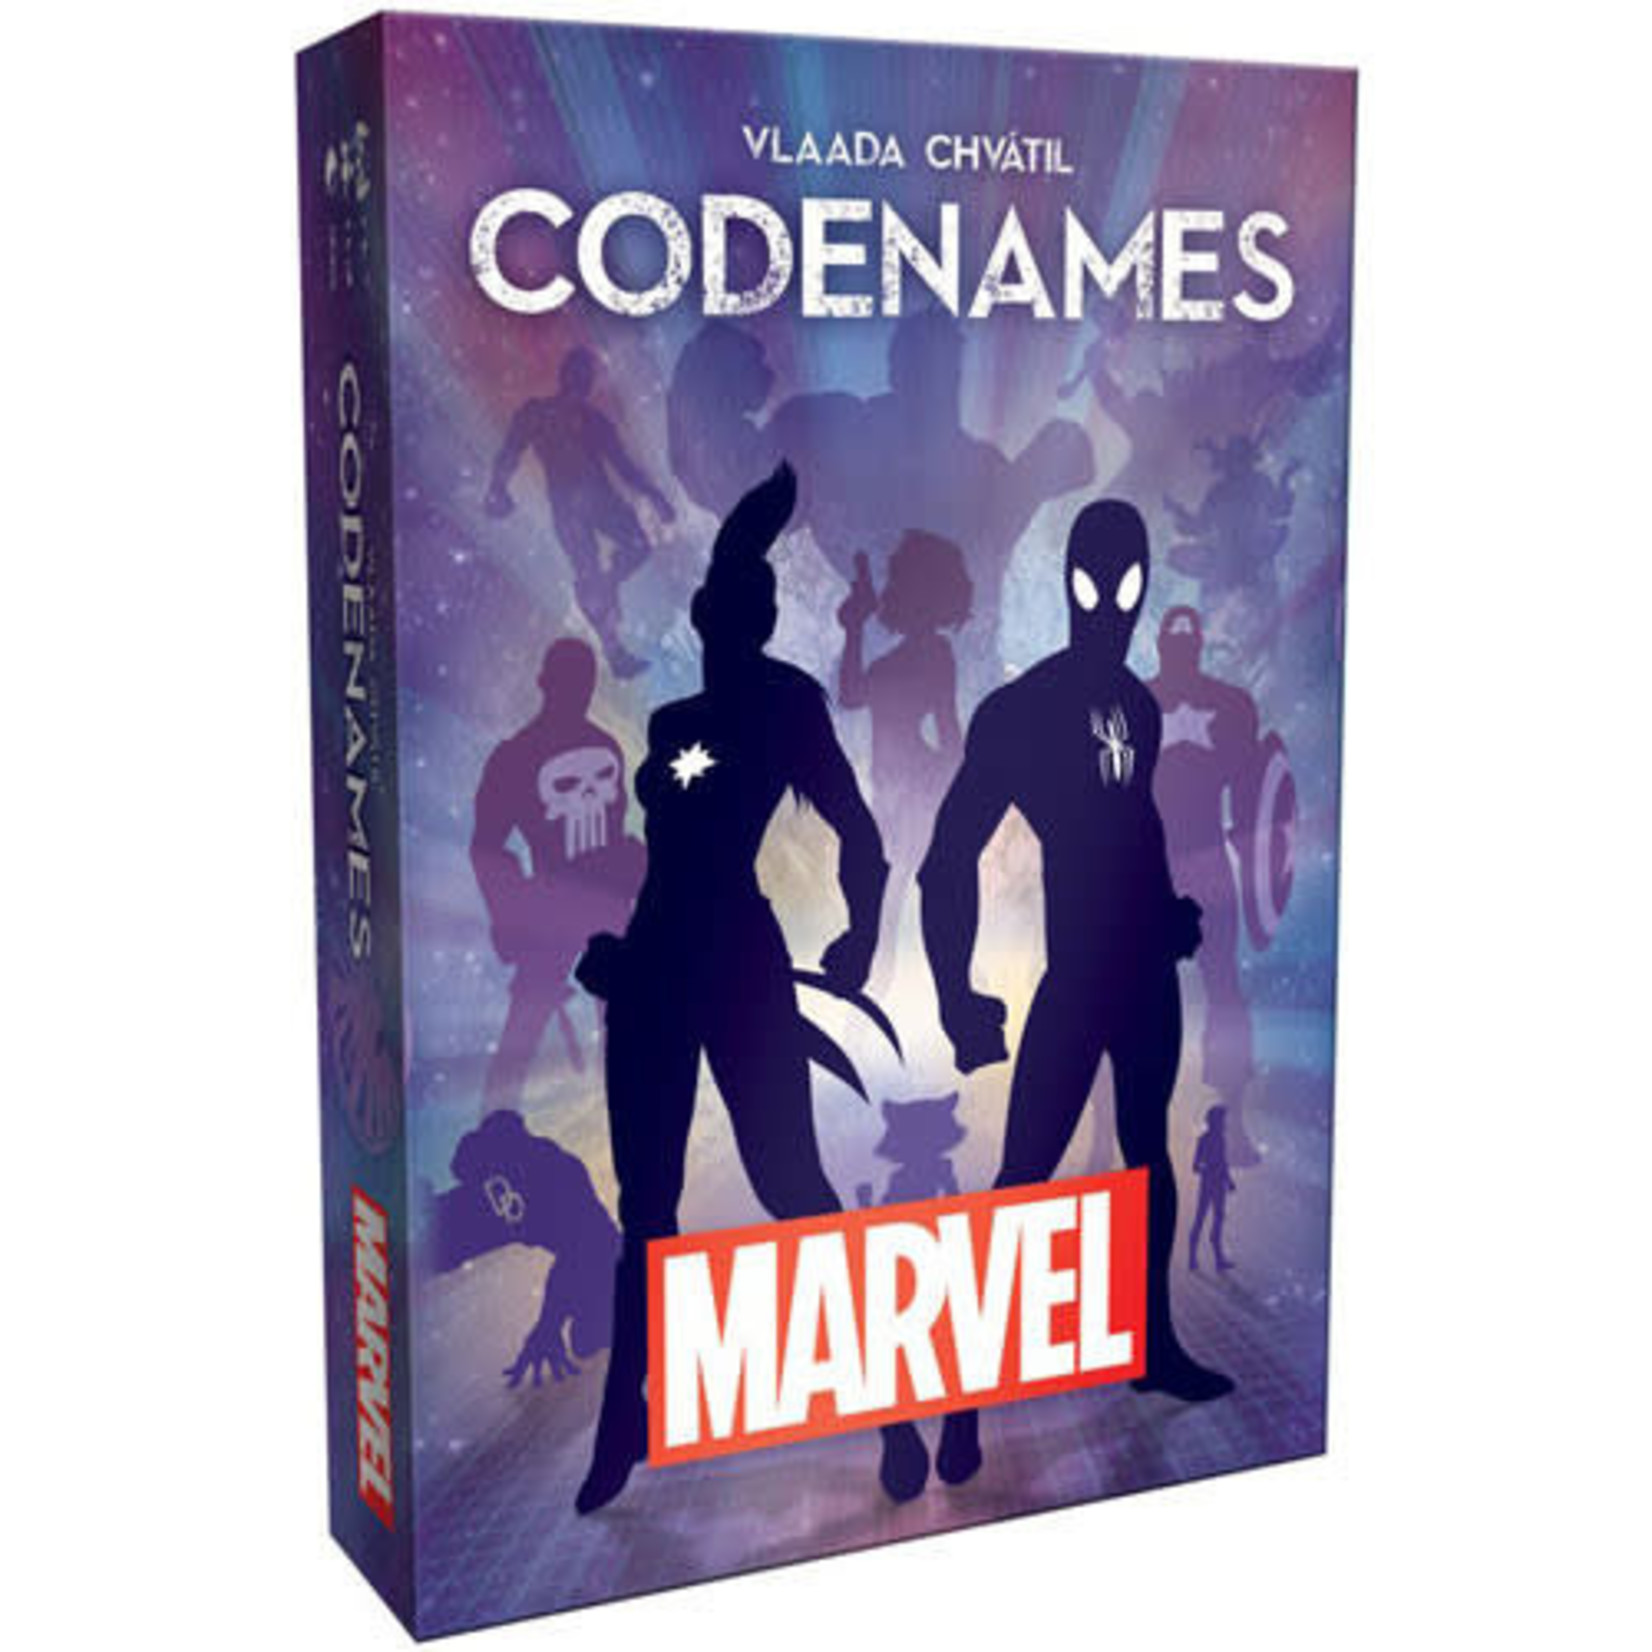 Codenames Marvel Board Game